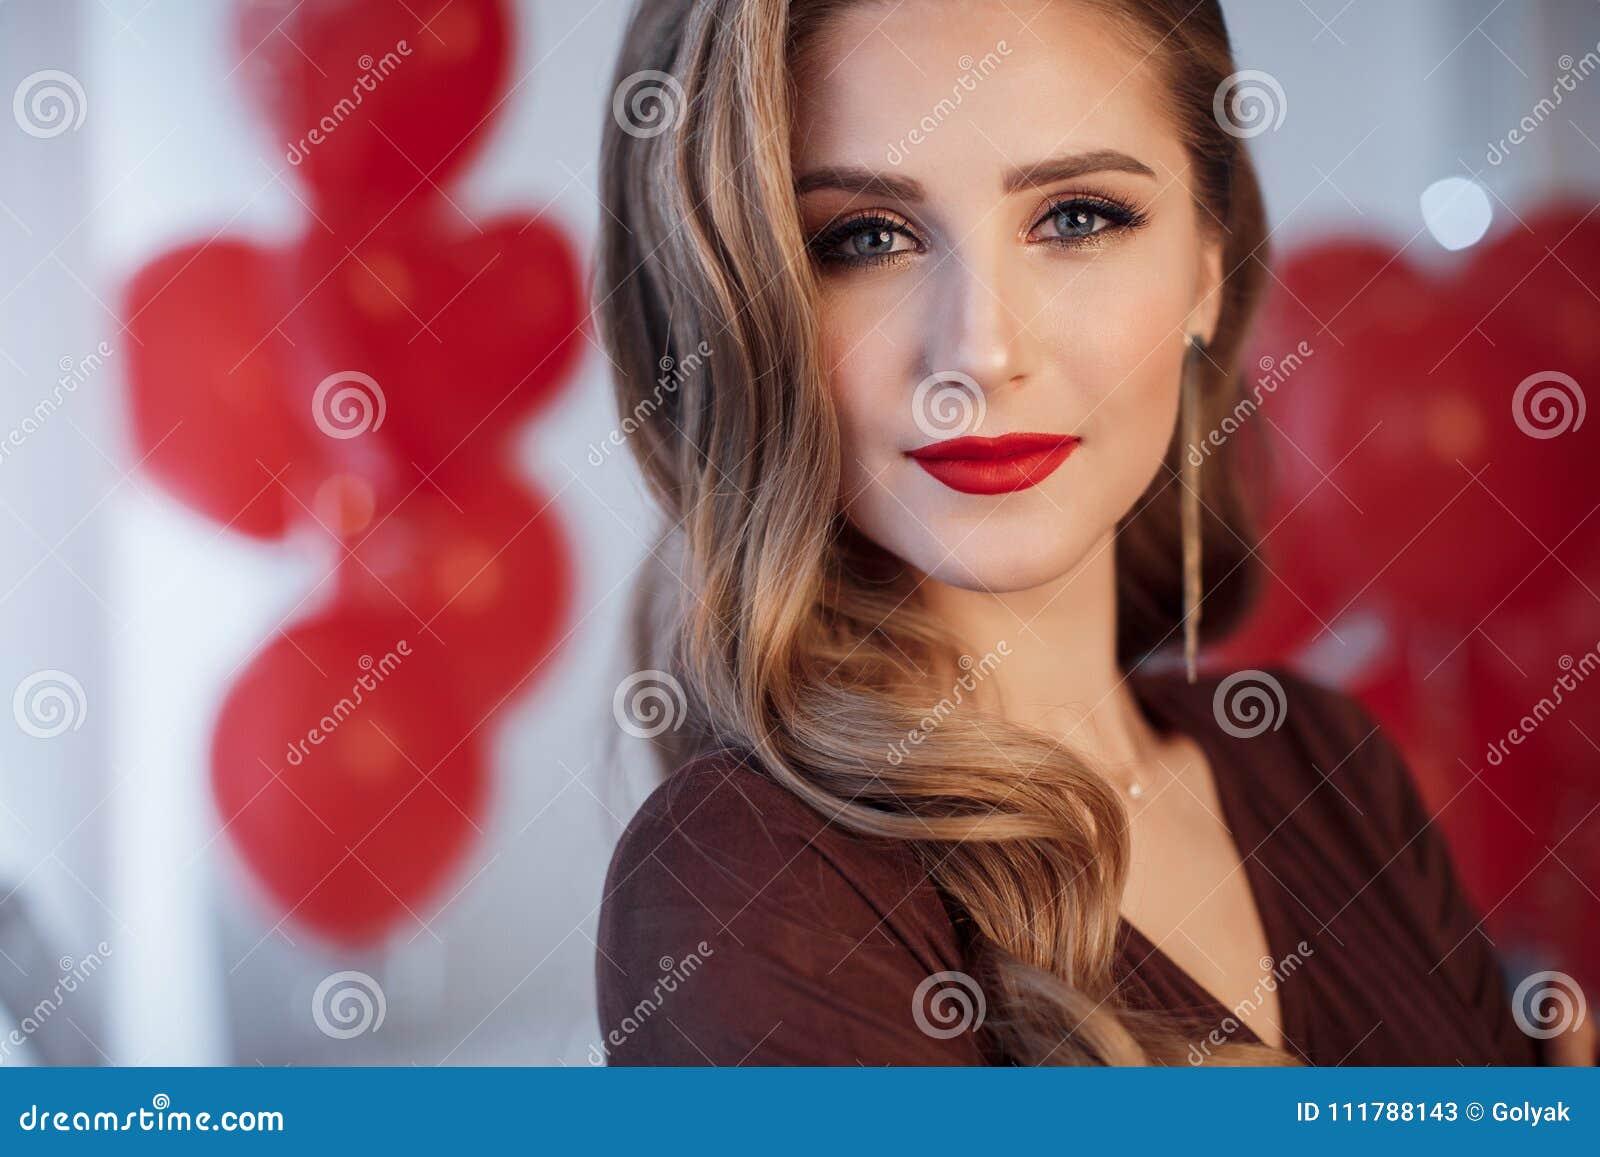 Porträt einer Schönheit an Valentinsgruß ` s Tag auf einem Hintergrund von roten Luftballonen